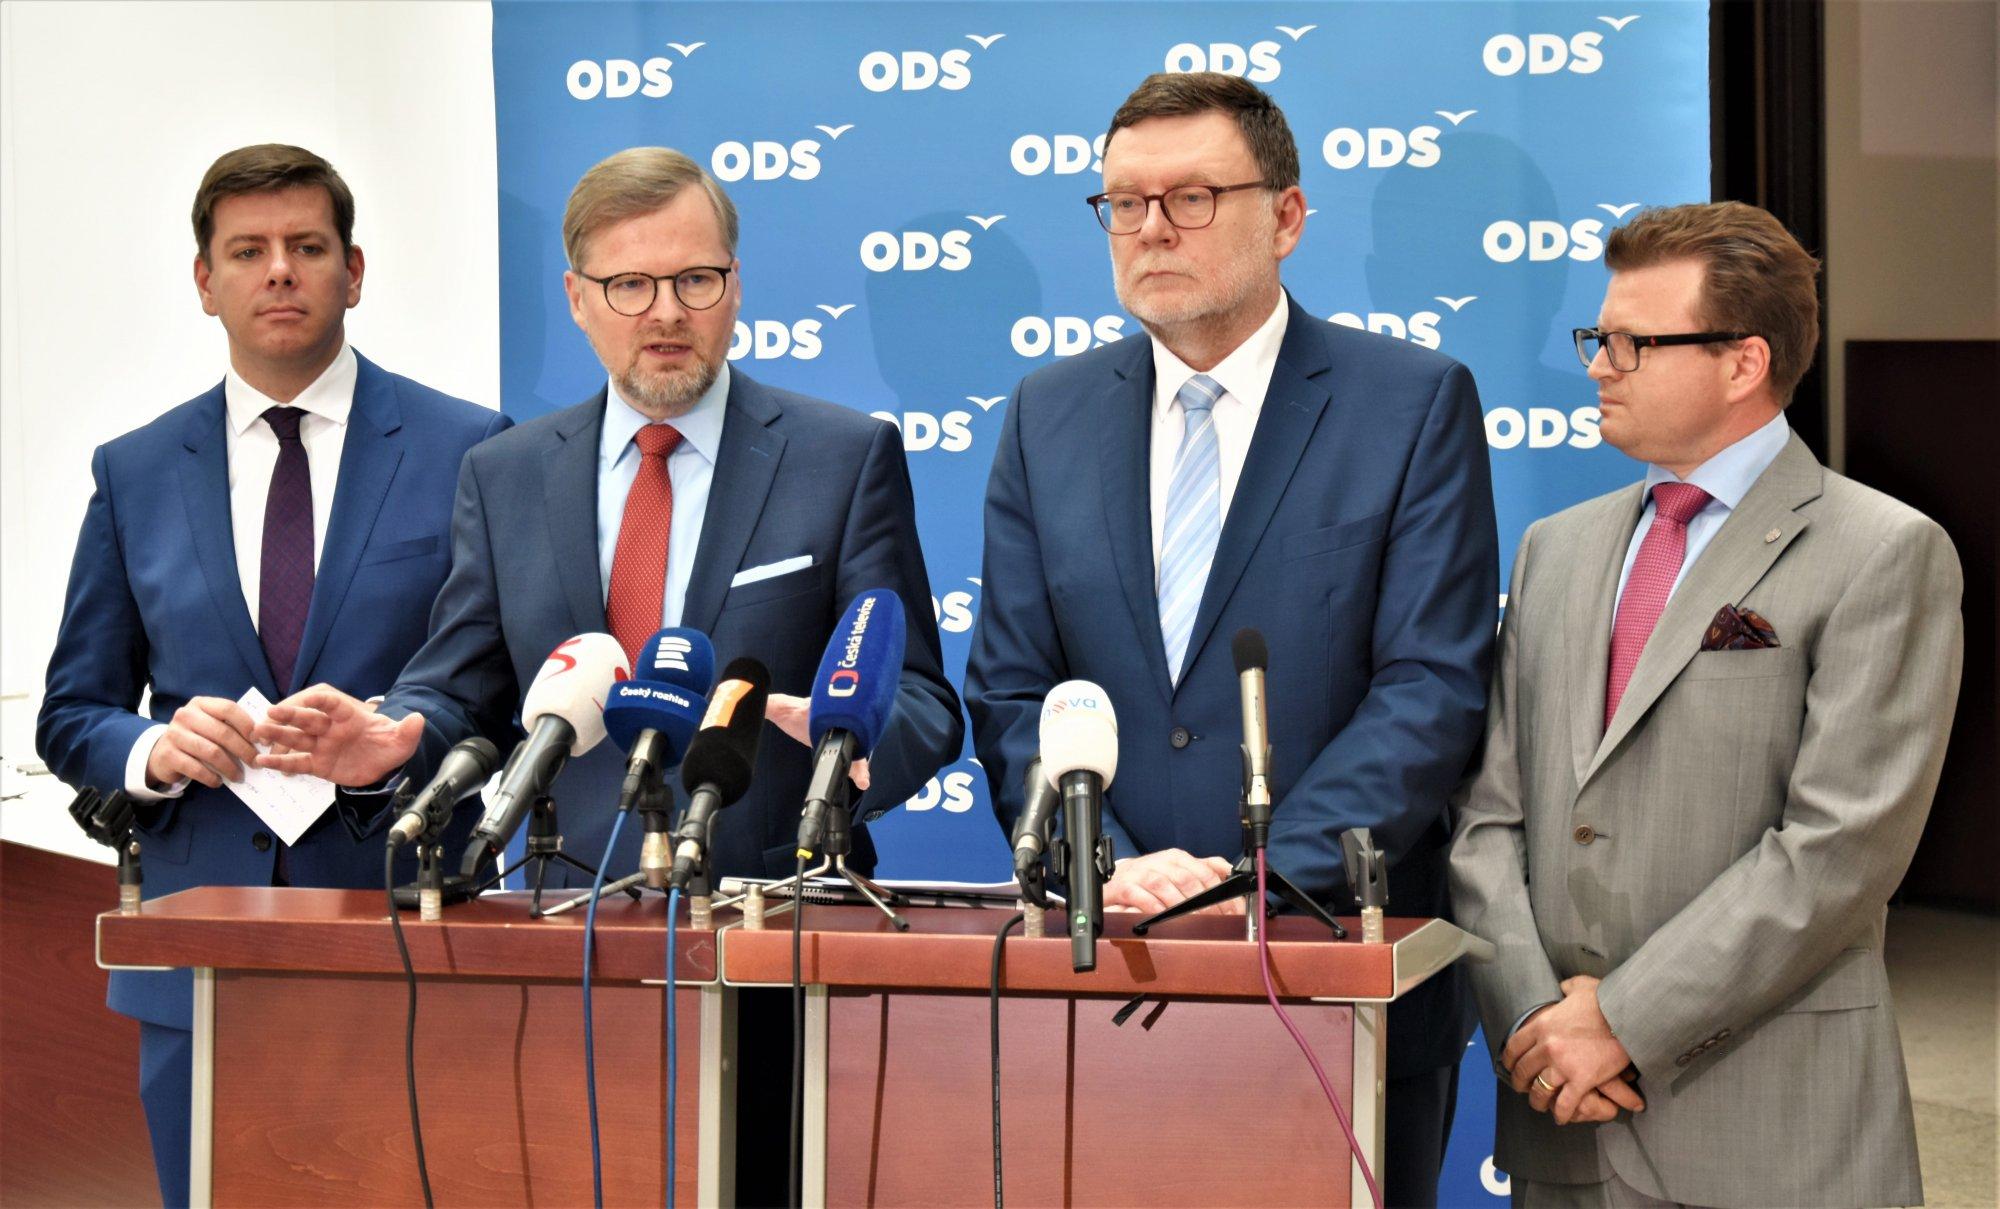 ODS: Vláda zvyšováním daní látá díry v rozpočtu